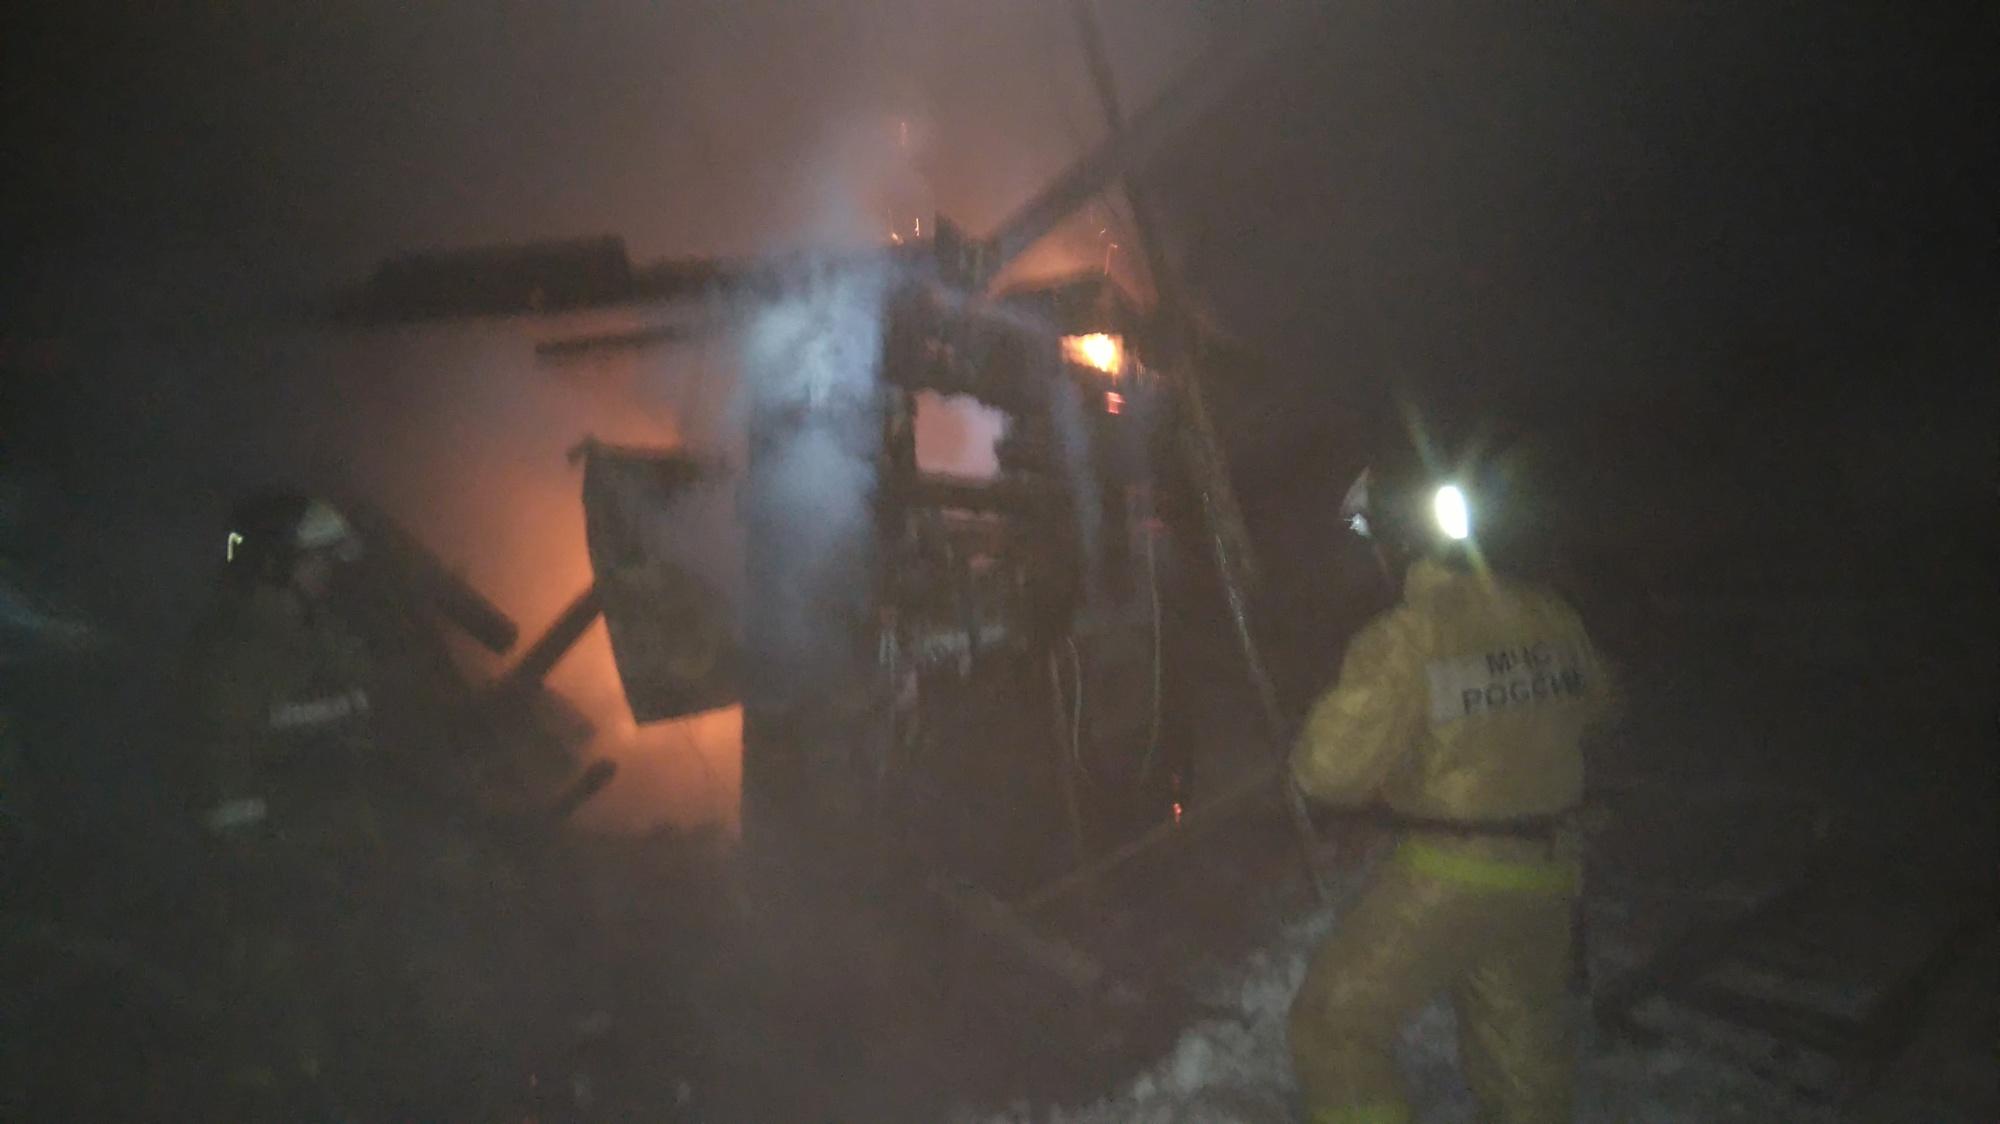 Пожарно-спасательные подразделения привлекались для ликвидации пожара в Кемском районе.